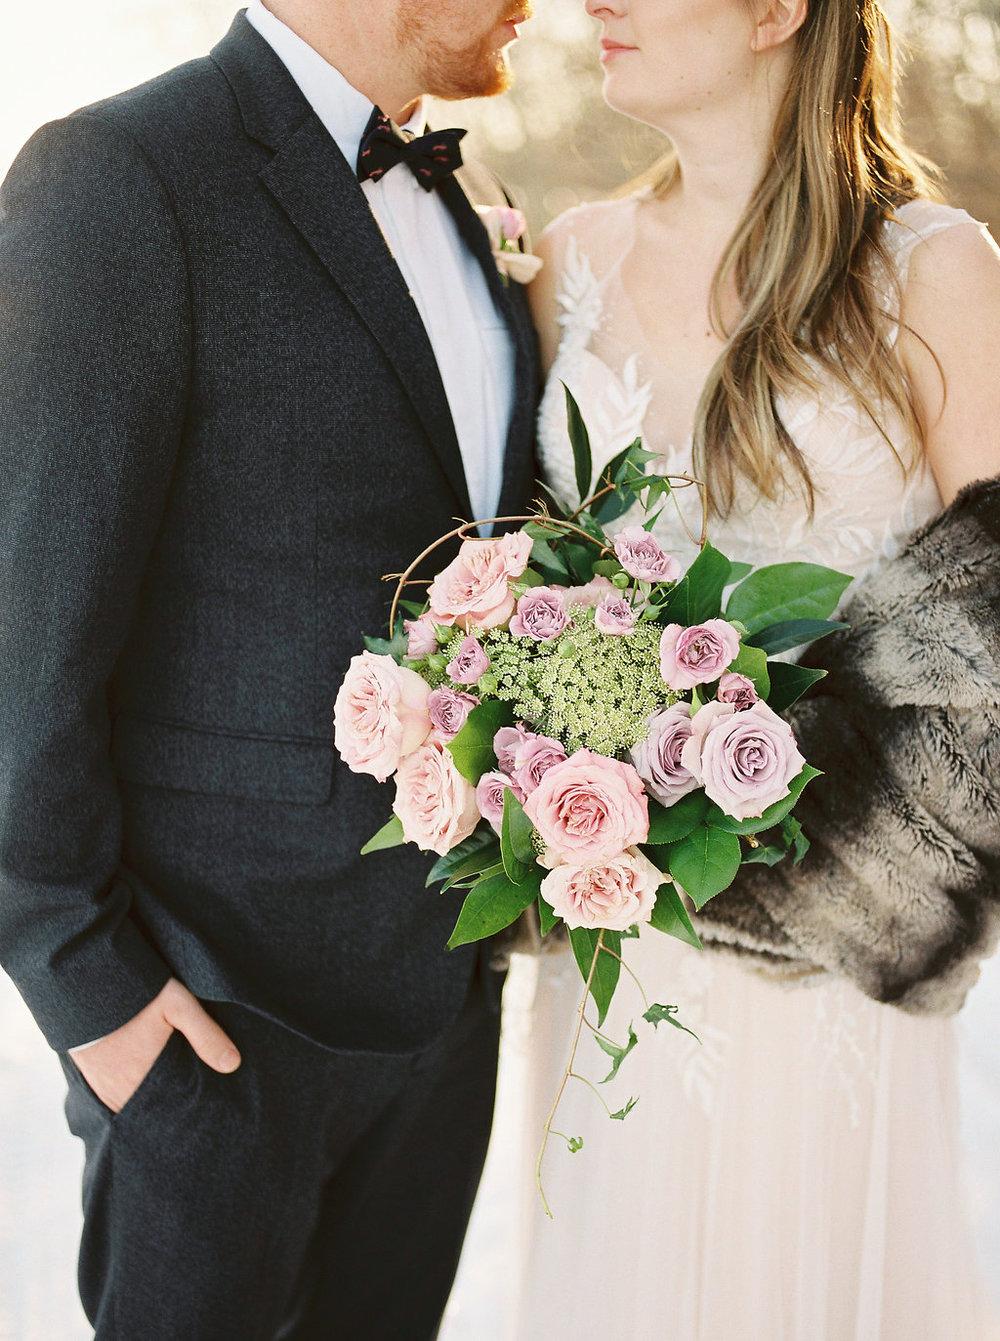 Winter Weddings in Winnipeg - Wedding Flowers Winnipeg